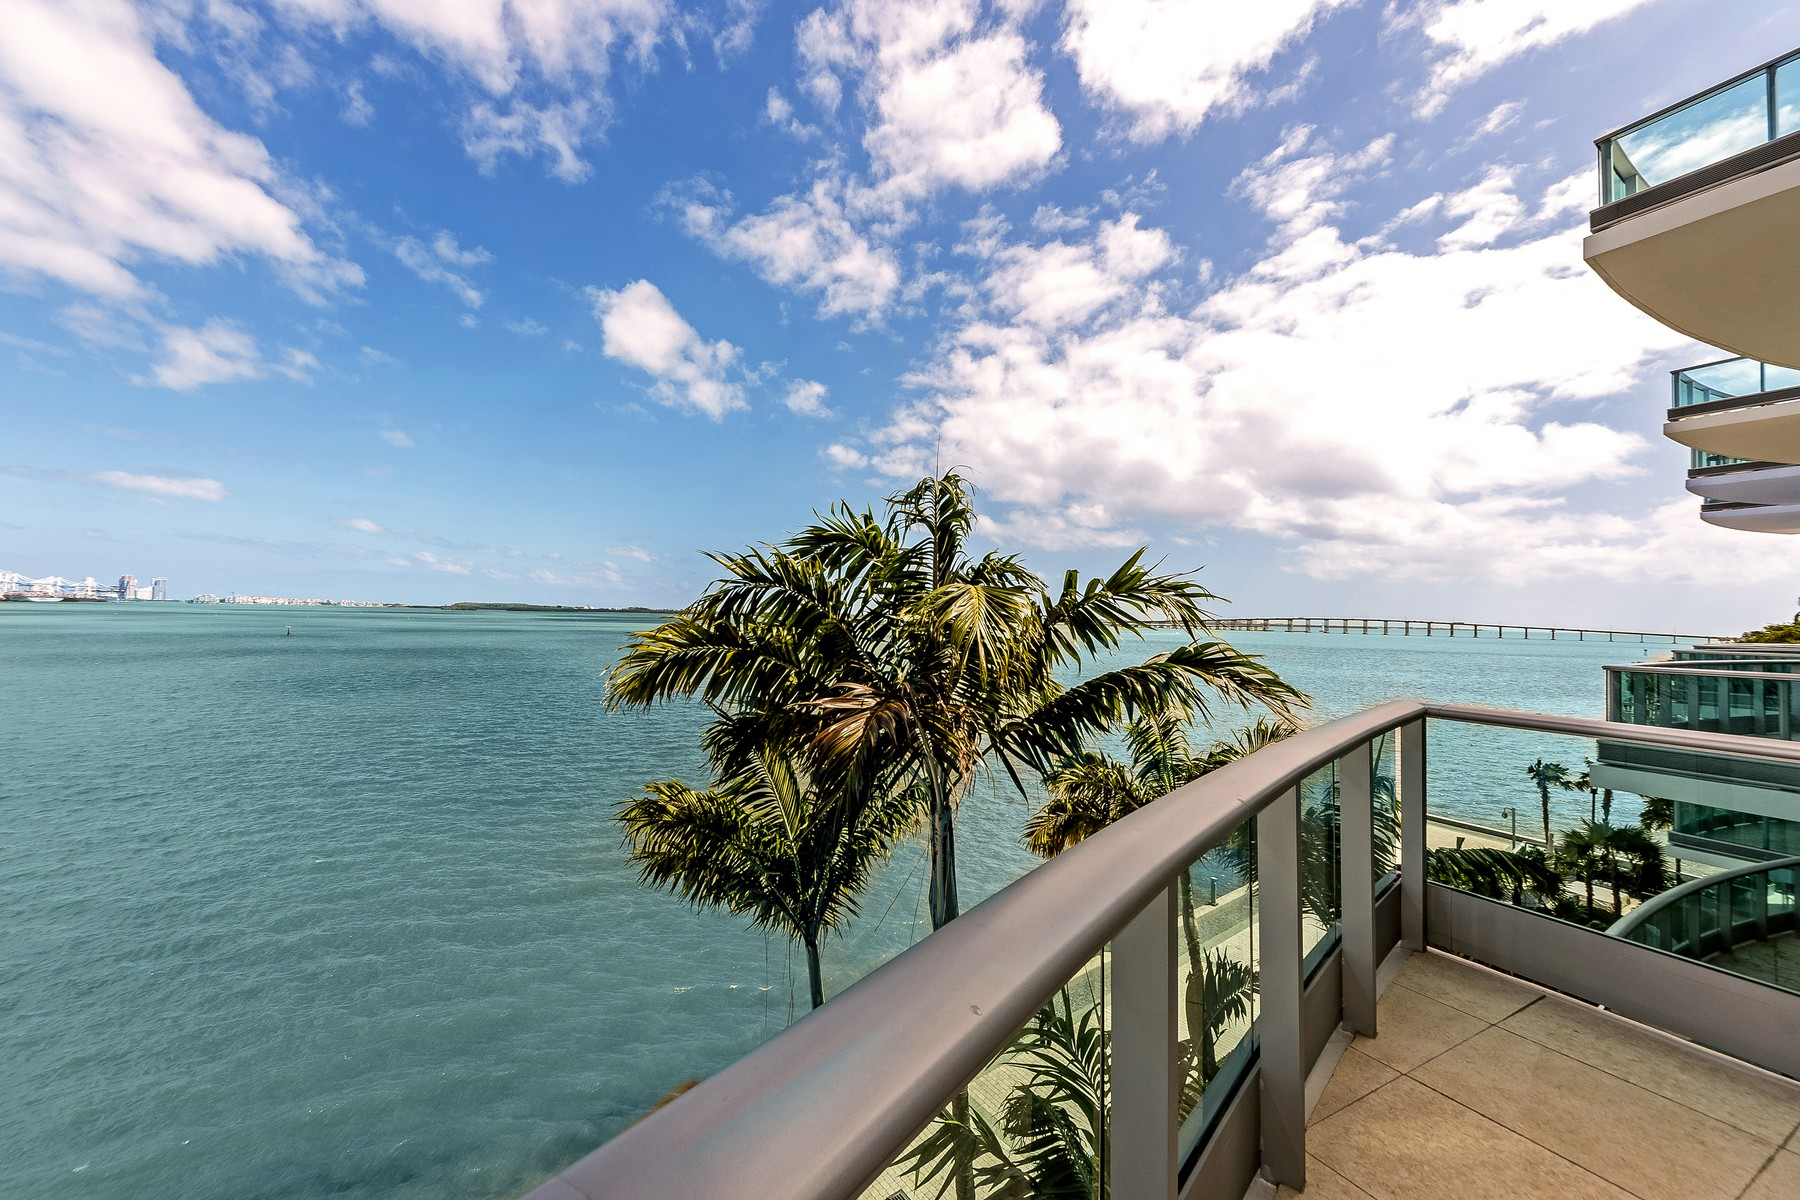 共管式独立产权公寓 为 销售 在 1331 Brickell Bay #BL-44 1331 Brickell Bay Dr BL-44 迈阿密, 佛罗里达州, 33131 美国